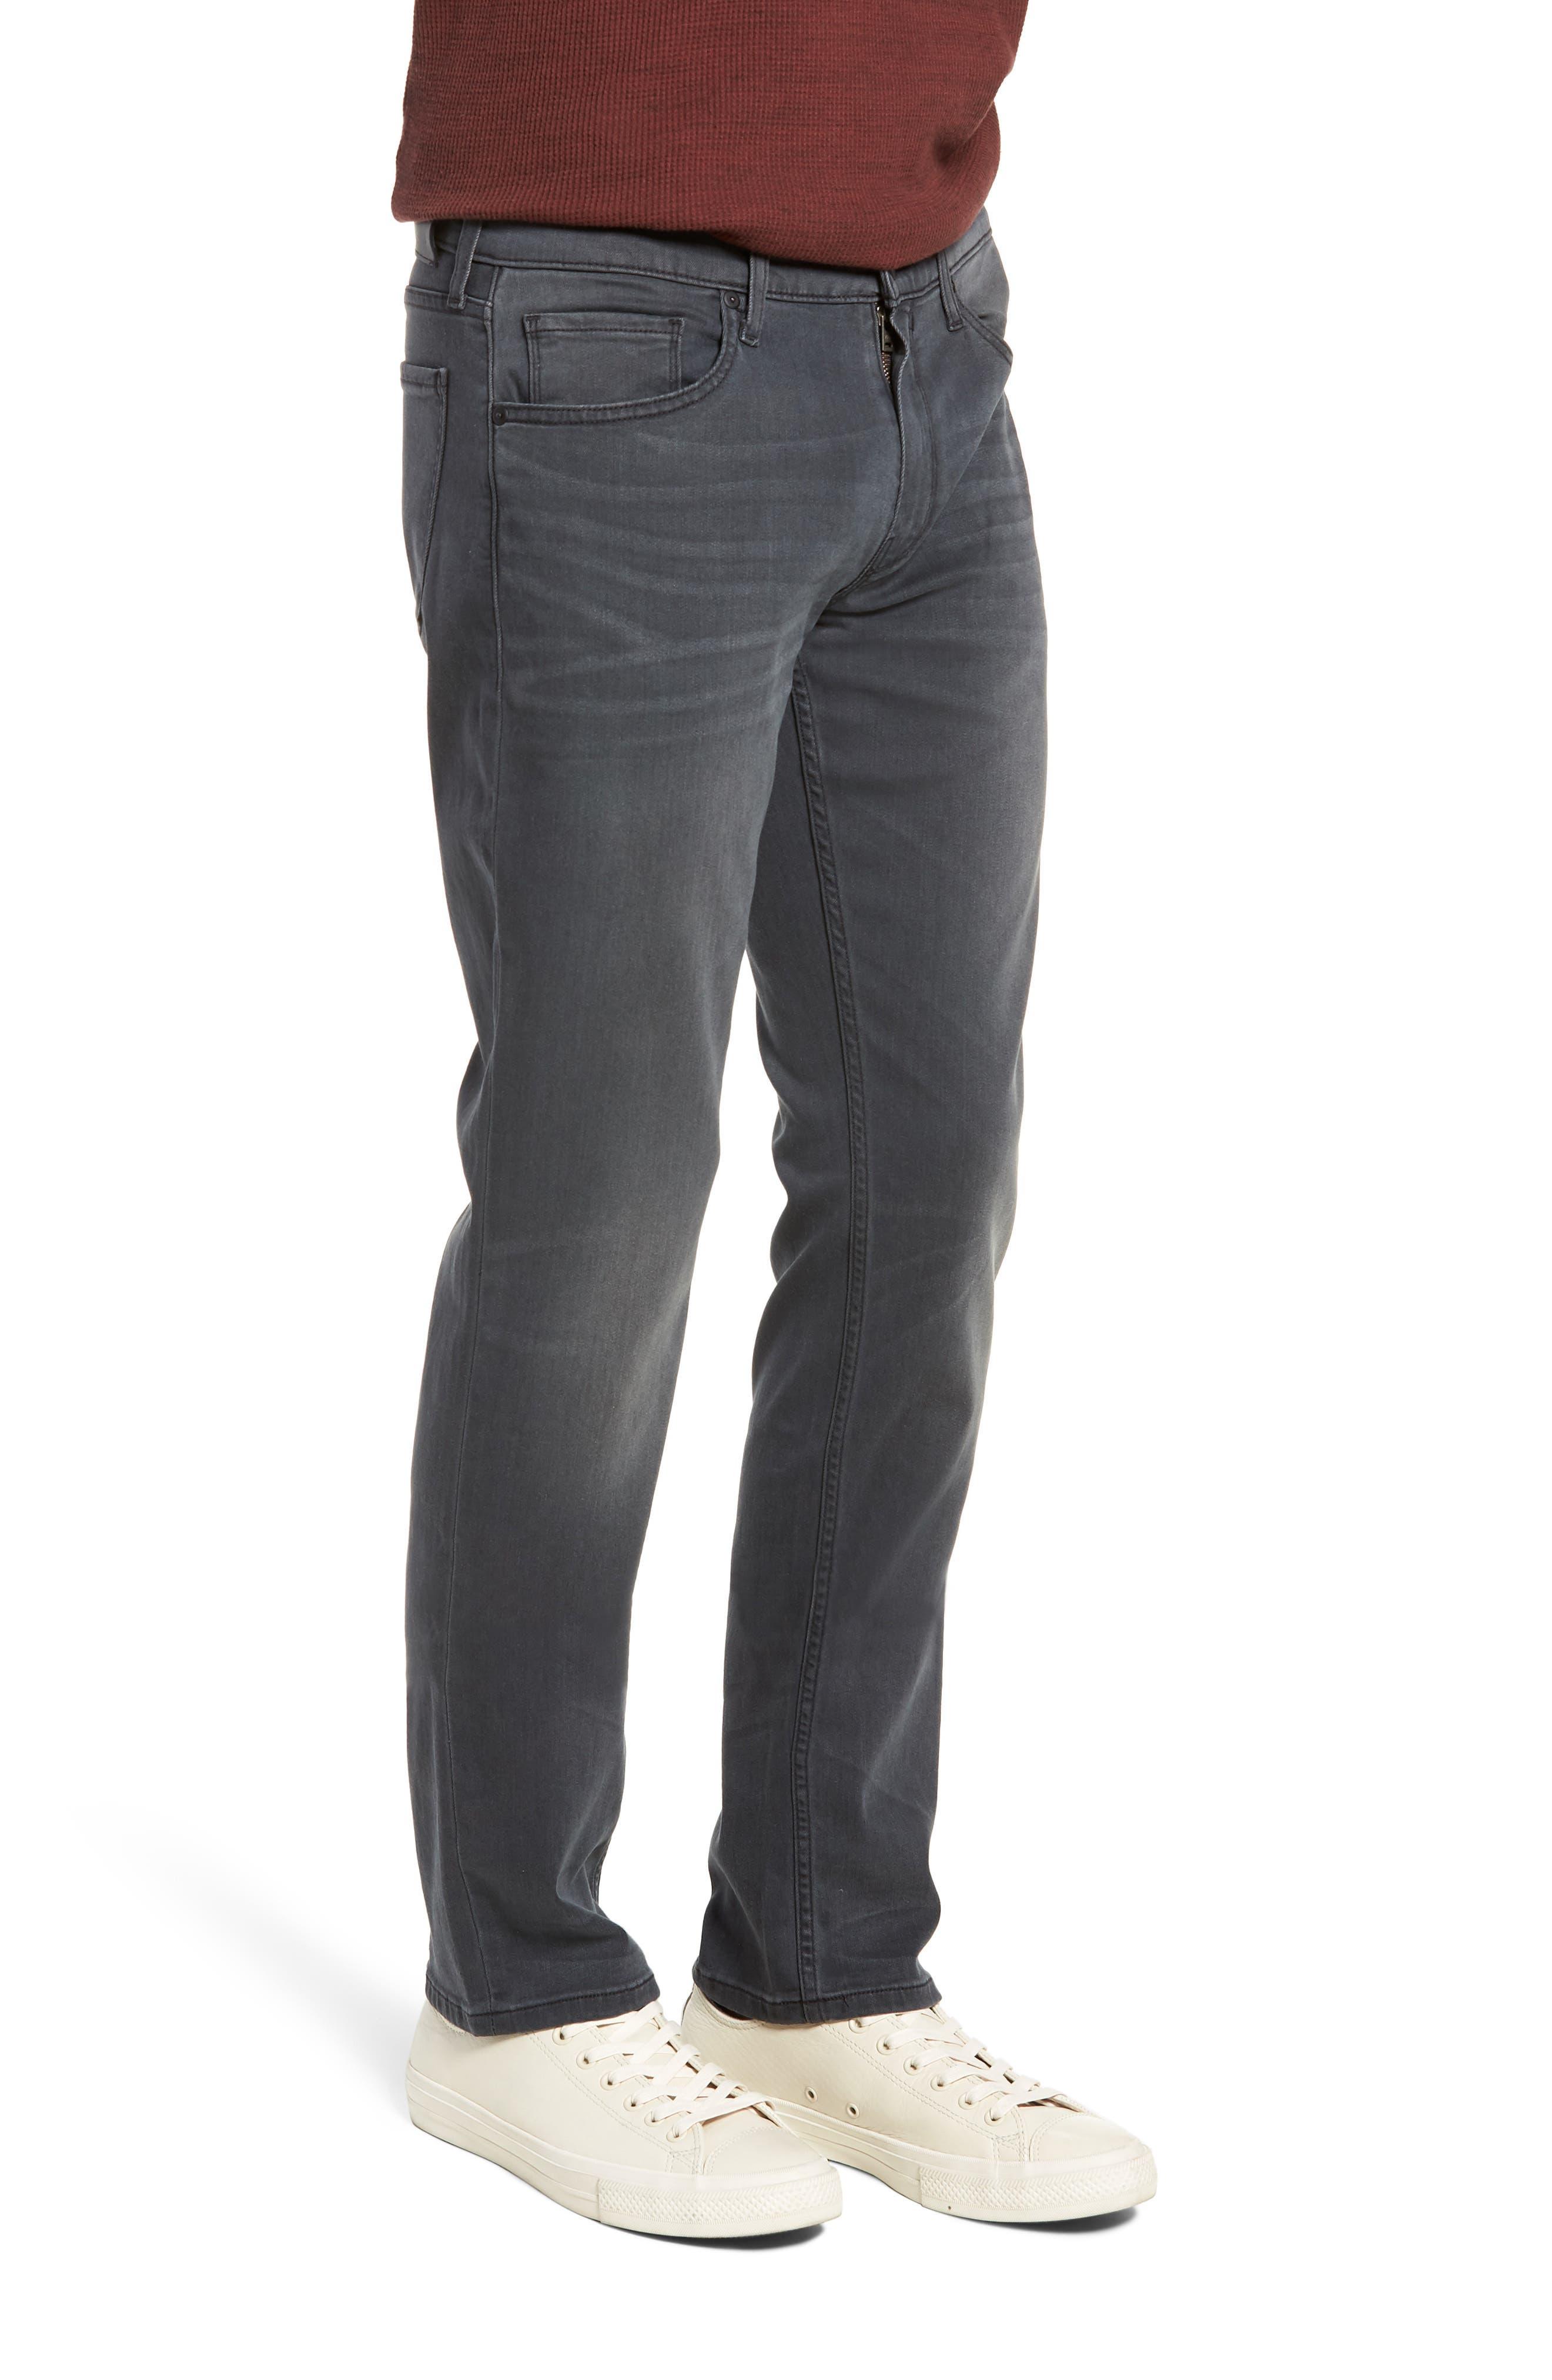 Transcend - Federal Slim Straight Leg Jeans,                             Alternate thumbnail 3, color,                             SHELDON